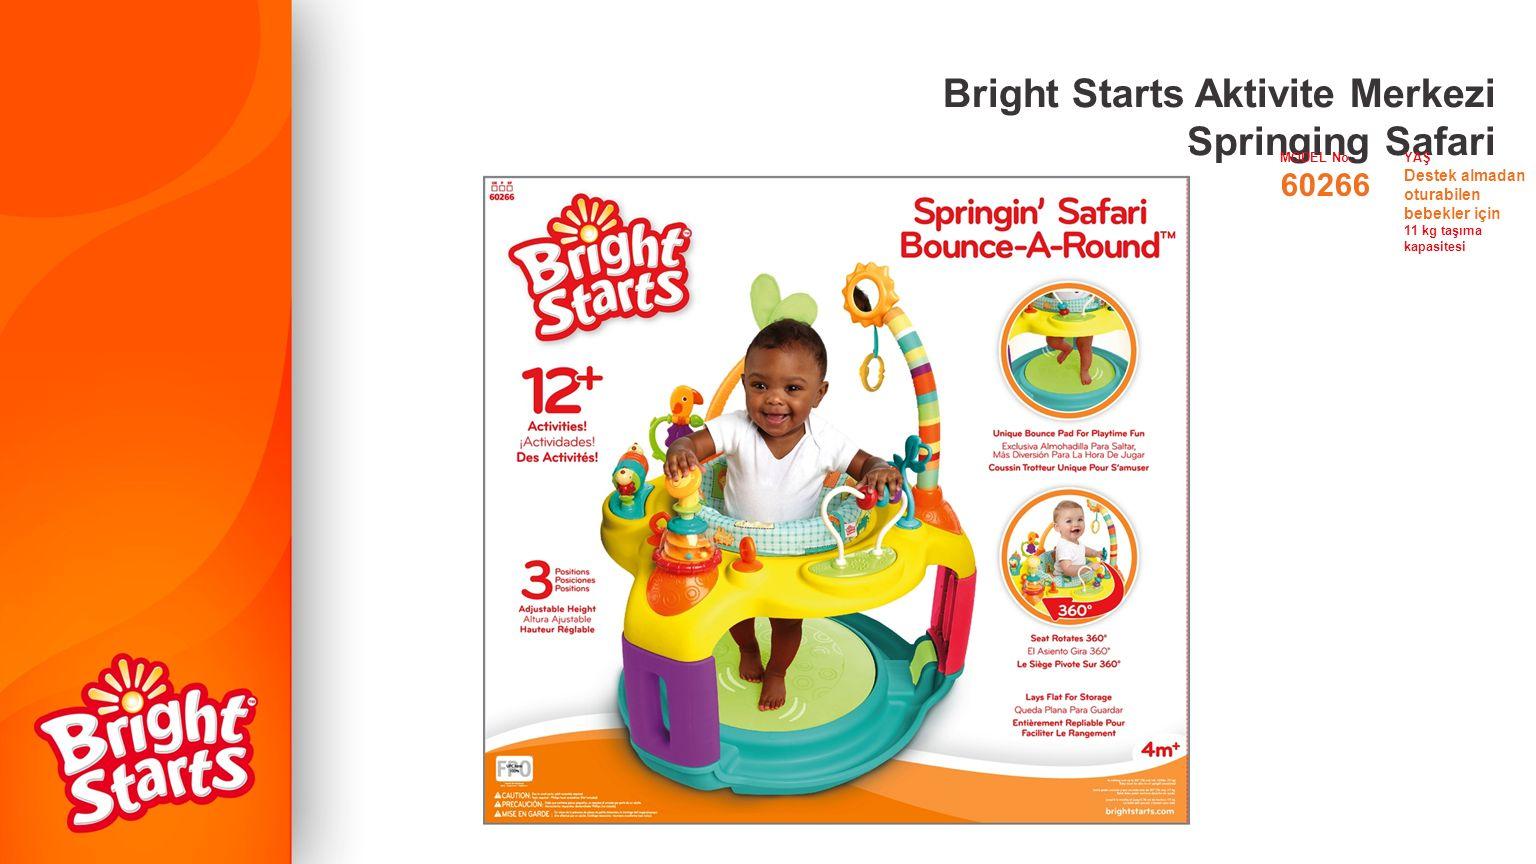 Bright Starts Aktivite Merkezi Springing Safari MODEL No.YAŞ 60266 Destek almadan oturabilen bebekler için 11 kg taşıma kapasitesi